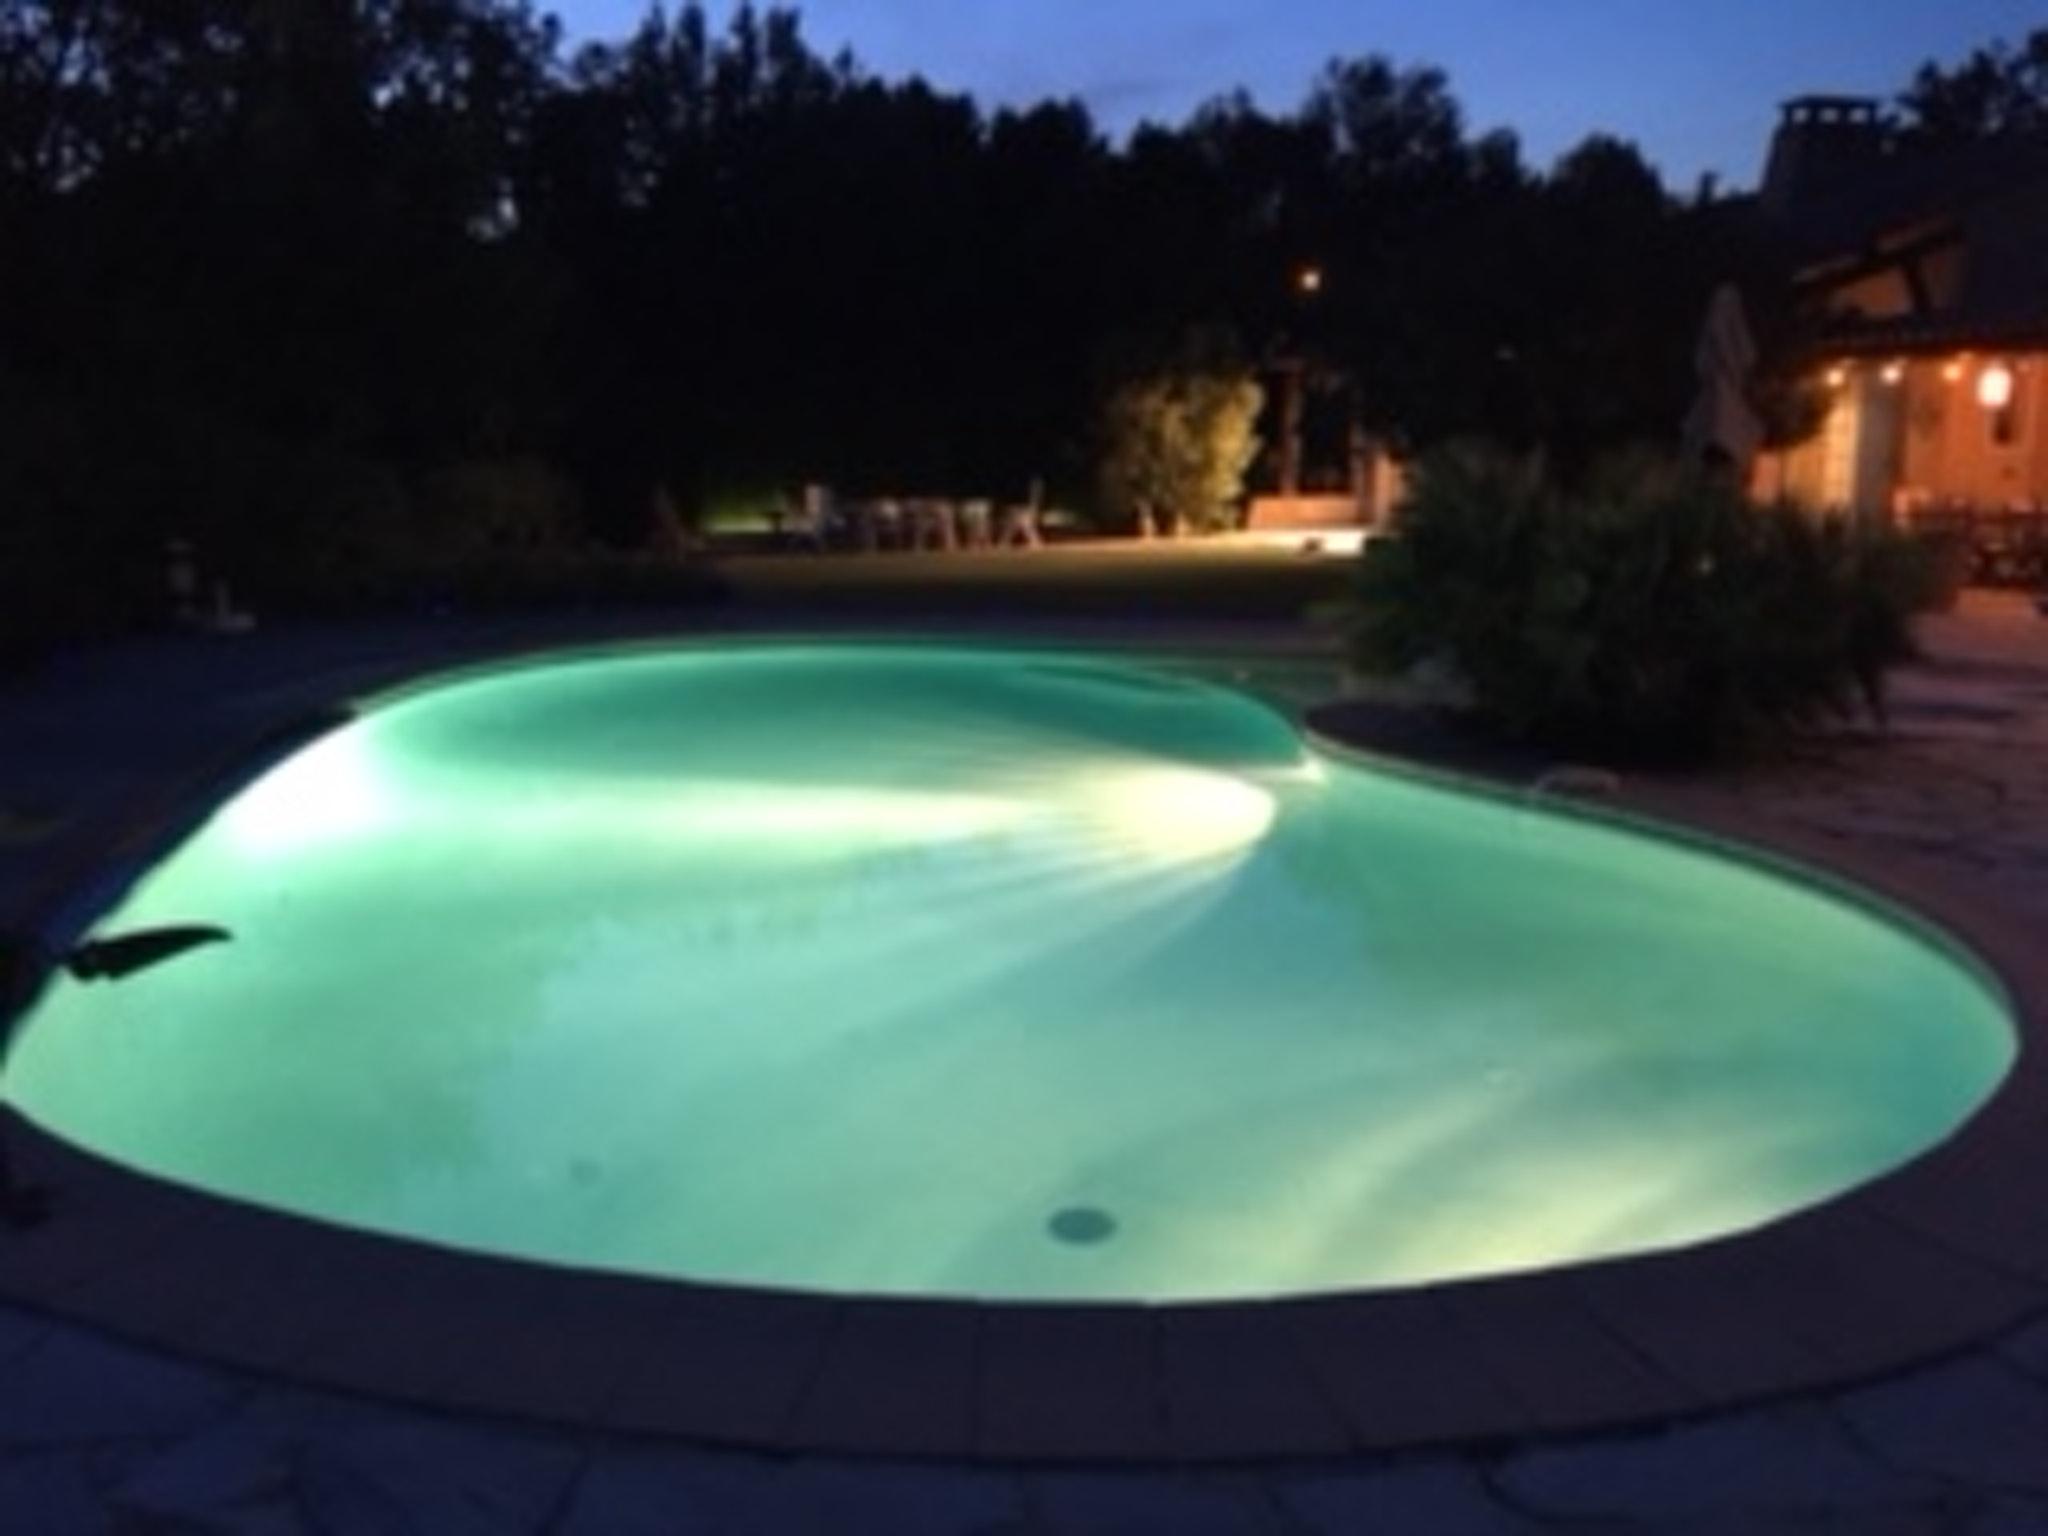 Ferienhaus Villa mit 4 Schlafzimmern in Pernes-les-Fontaines mit toller Aussicht auf die Berge, priva (2519446), Pernes les Fontaines, Saône-et-Loire, Burgund, Frankreich, Bild 10